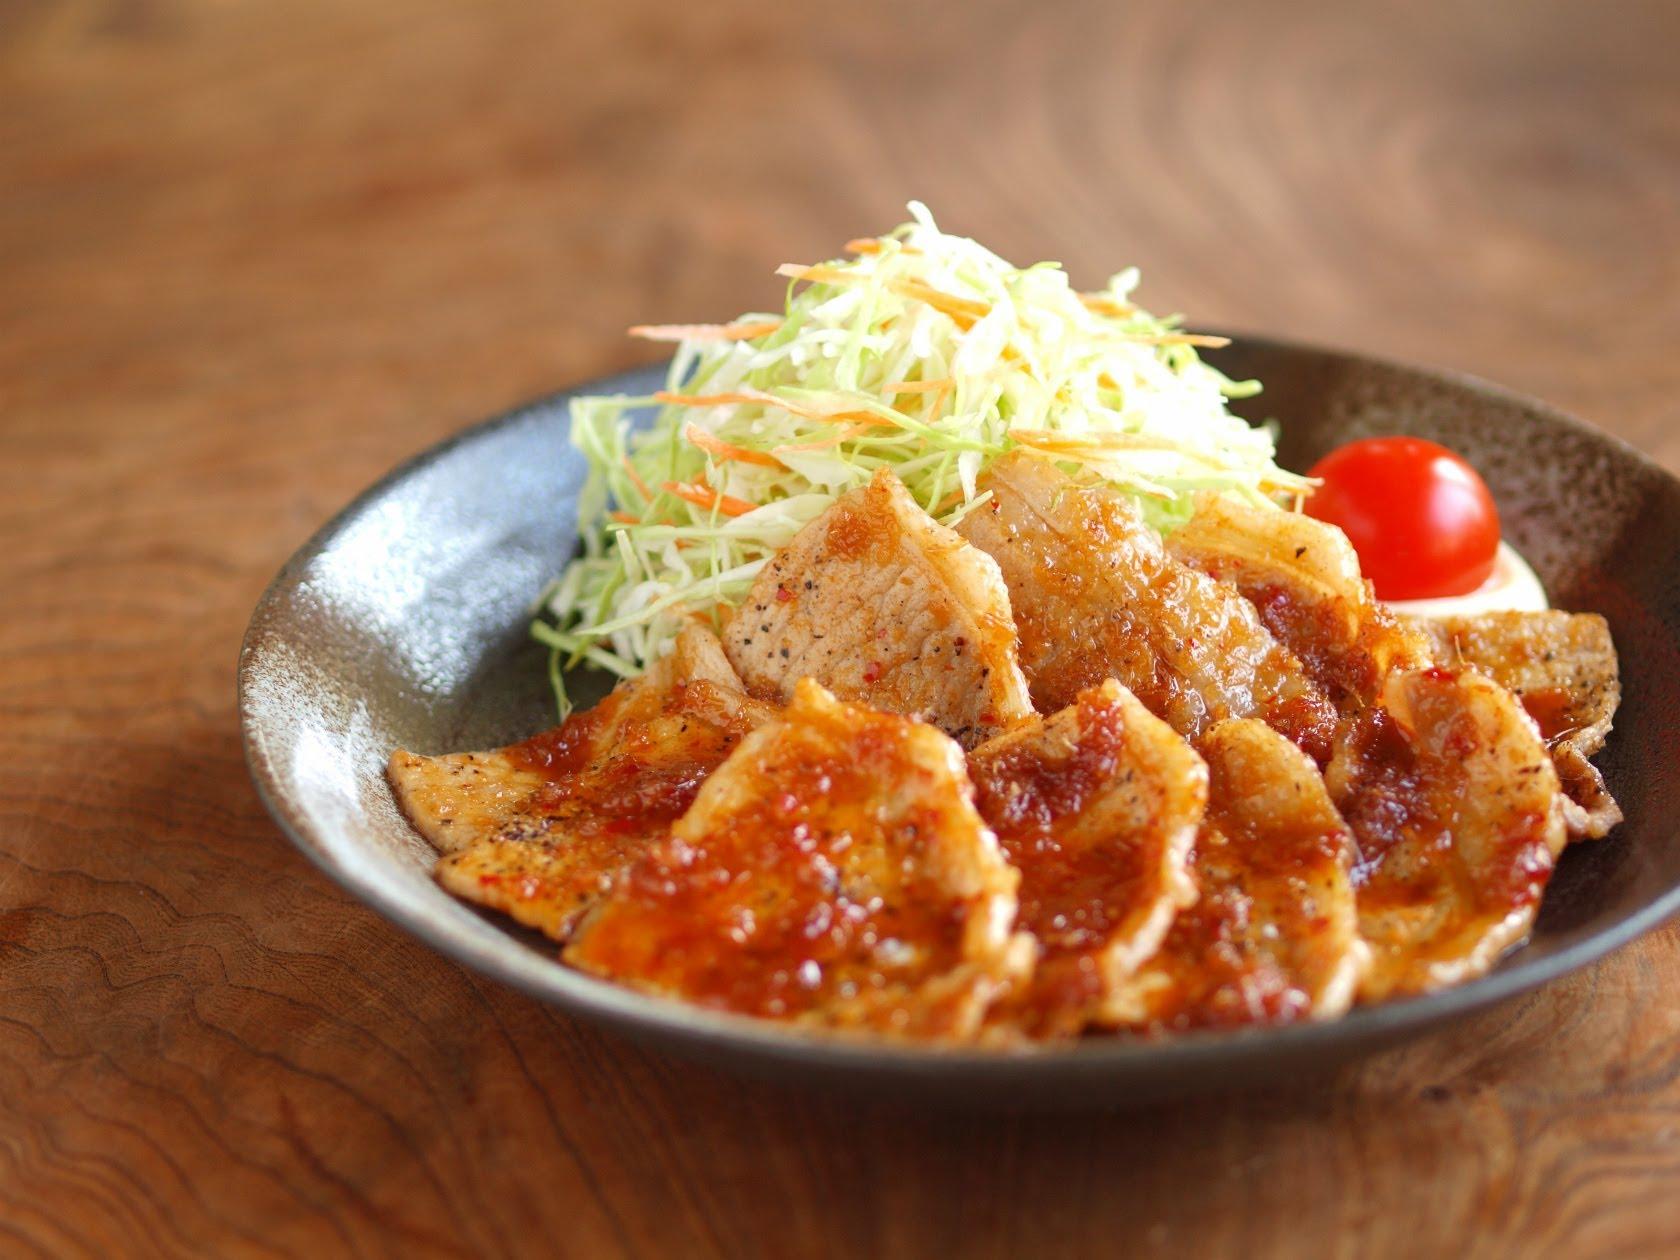 定番人気!豚肉の生姜焼きのおすすめレシピと作り方をご紹介♪のサムネイル画像